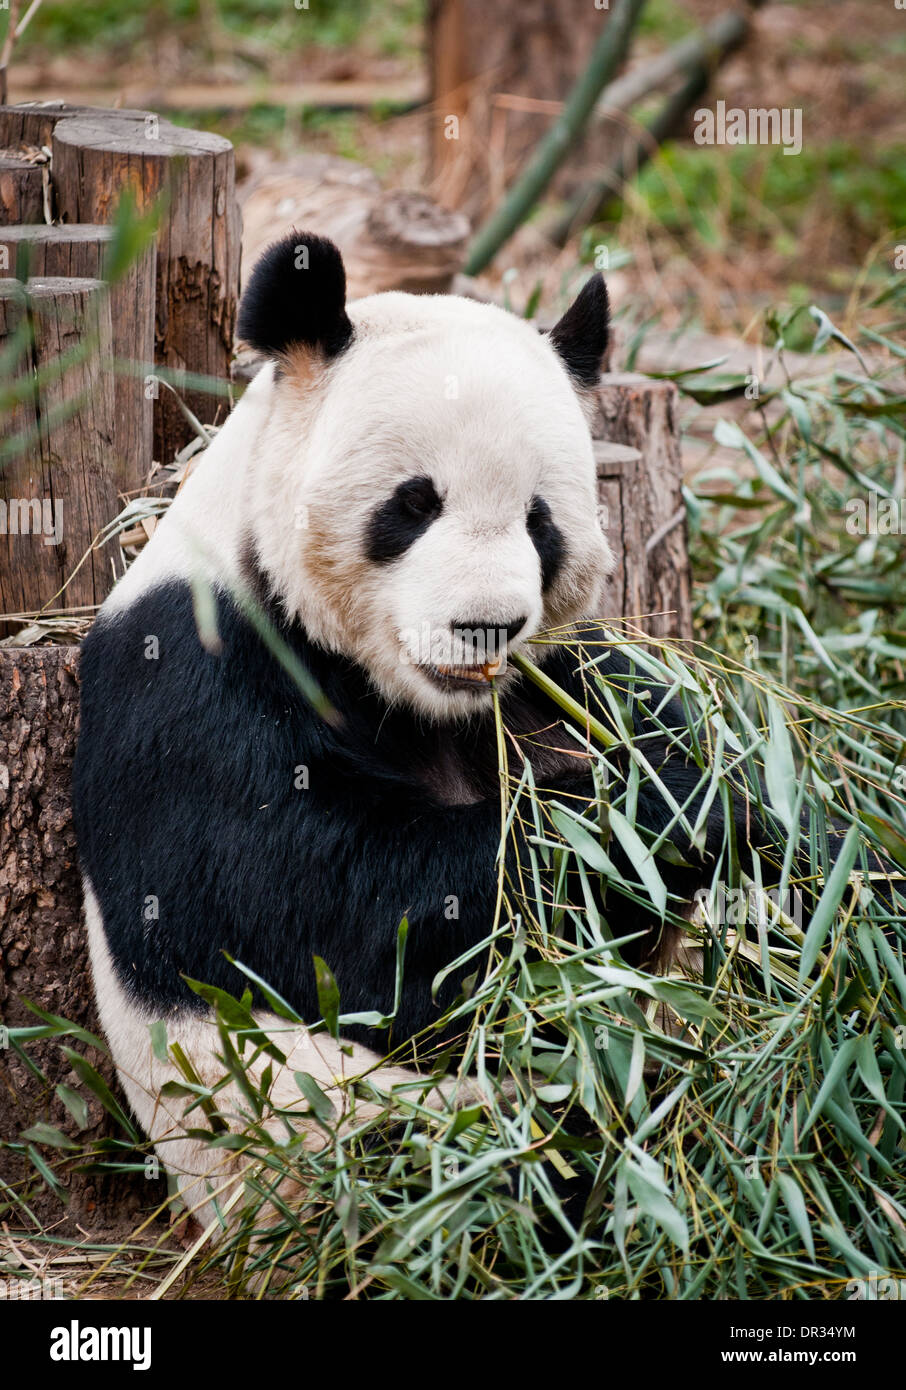 Panda House giant panda in panda house of beijing zoo, located in xicheng